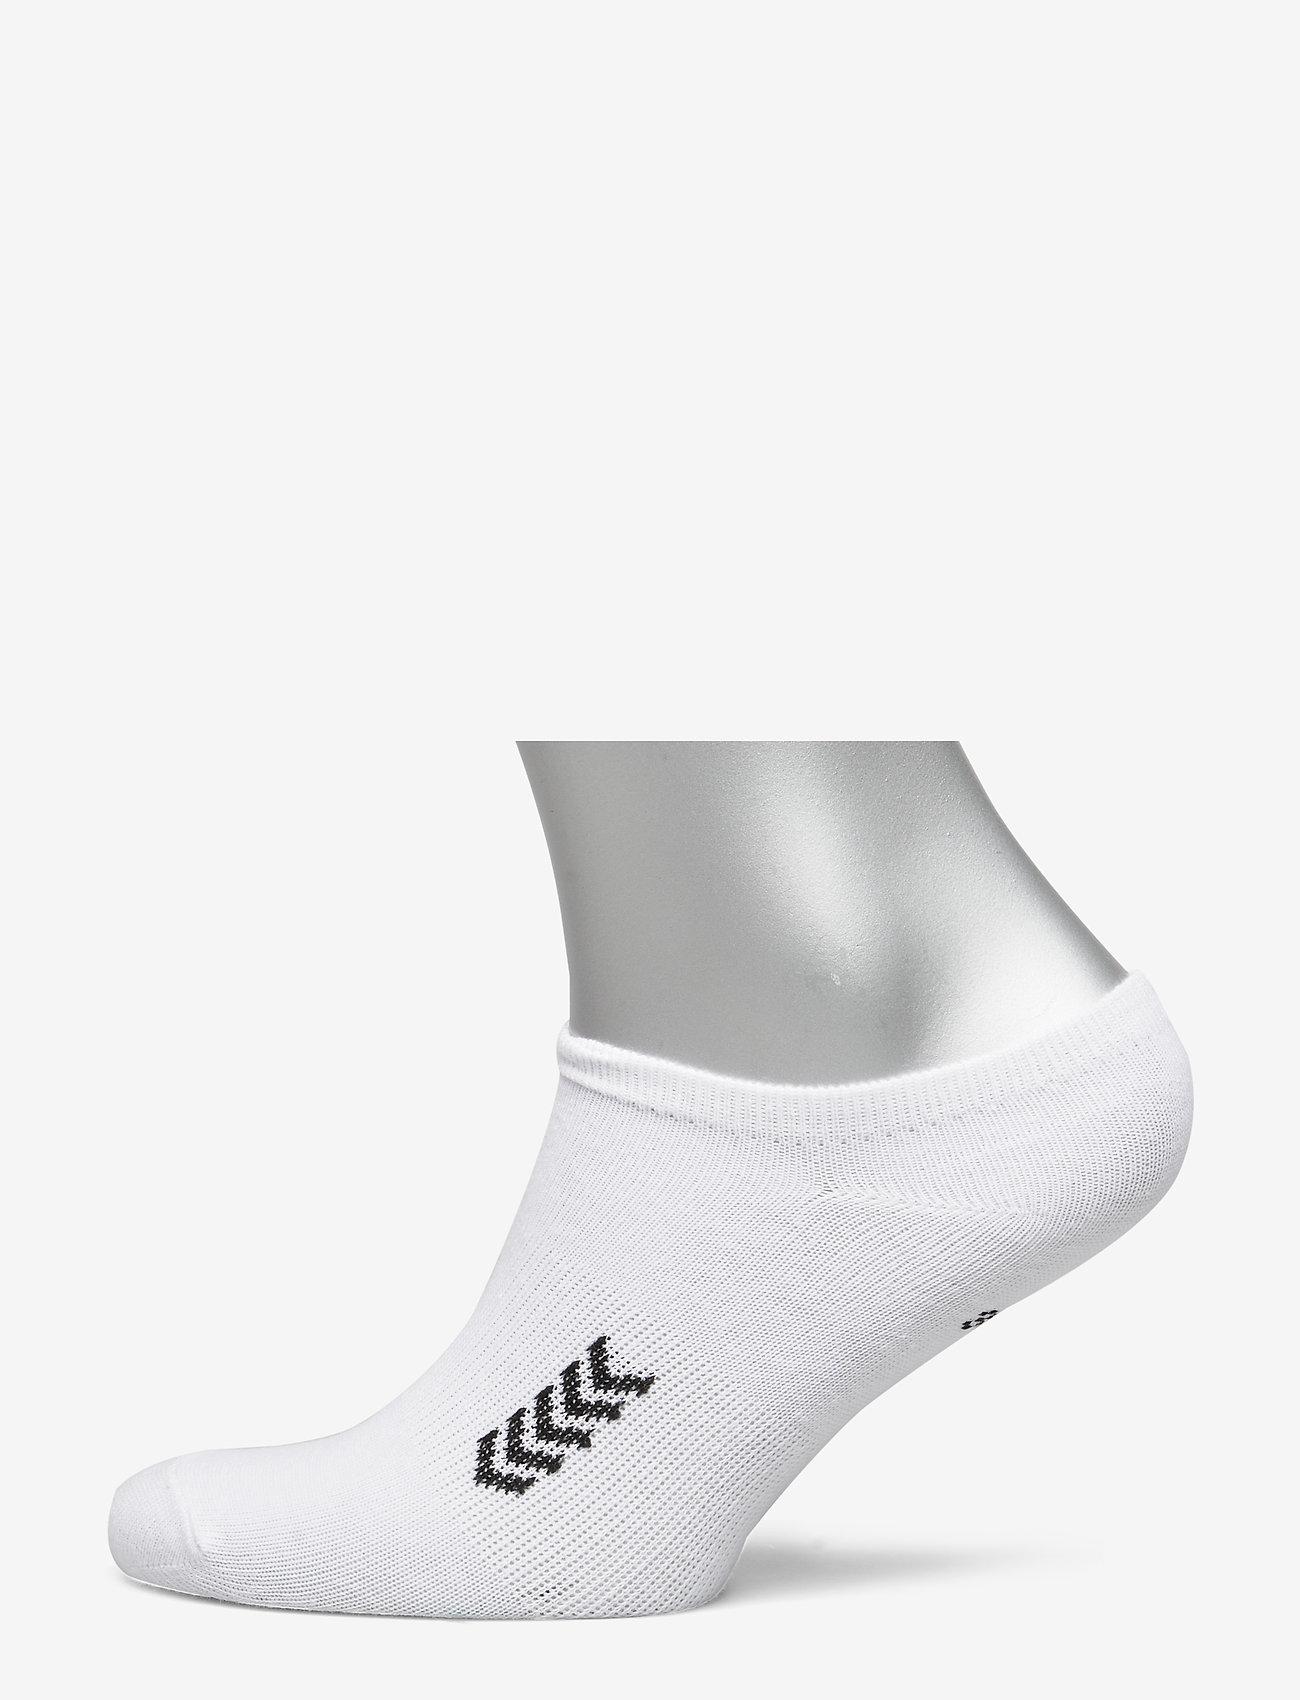 Hummel - ANKLE SOCK SMU - nilkkasukat - white/black - 0